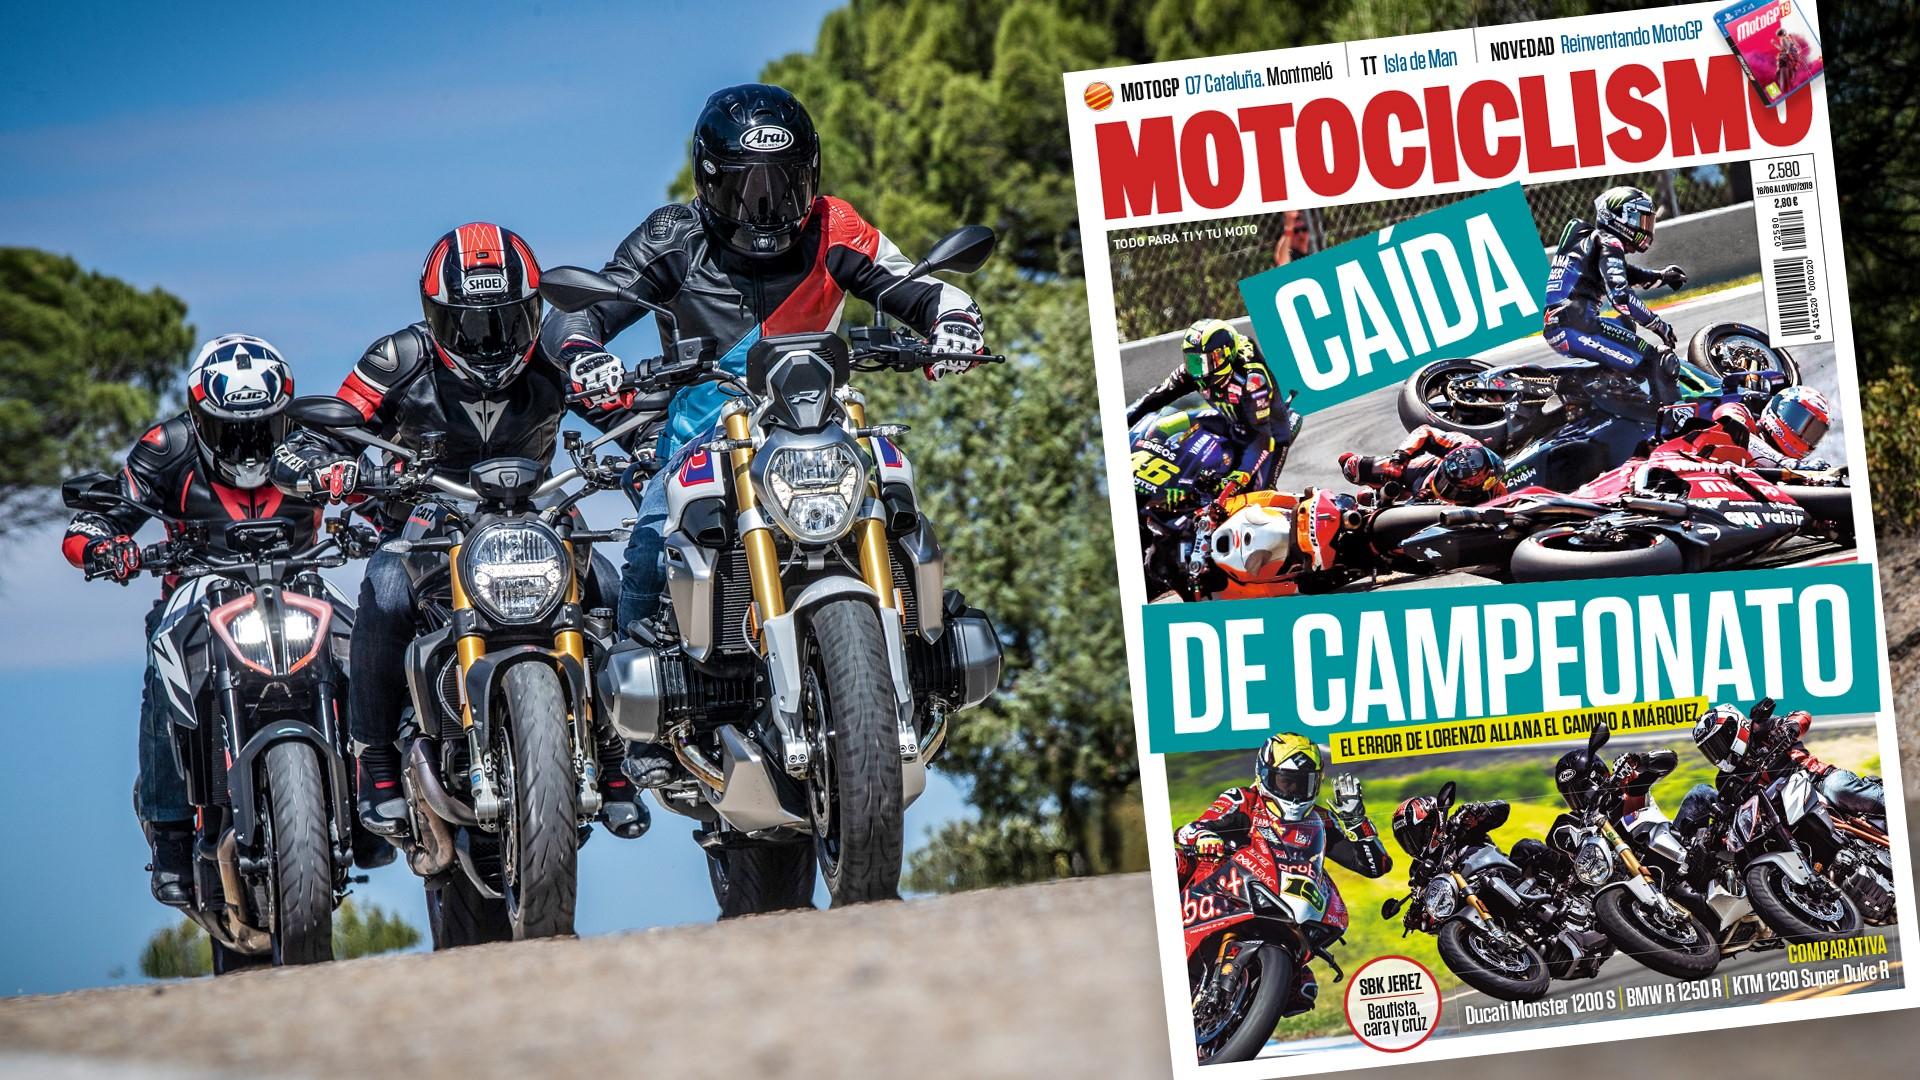 MOTOCICLISMO 2580, contenidos y sumario de la revista